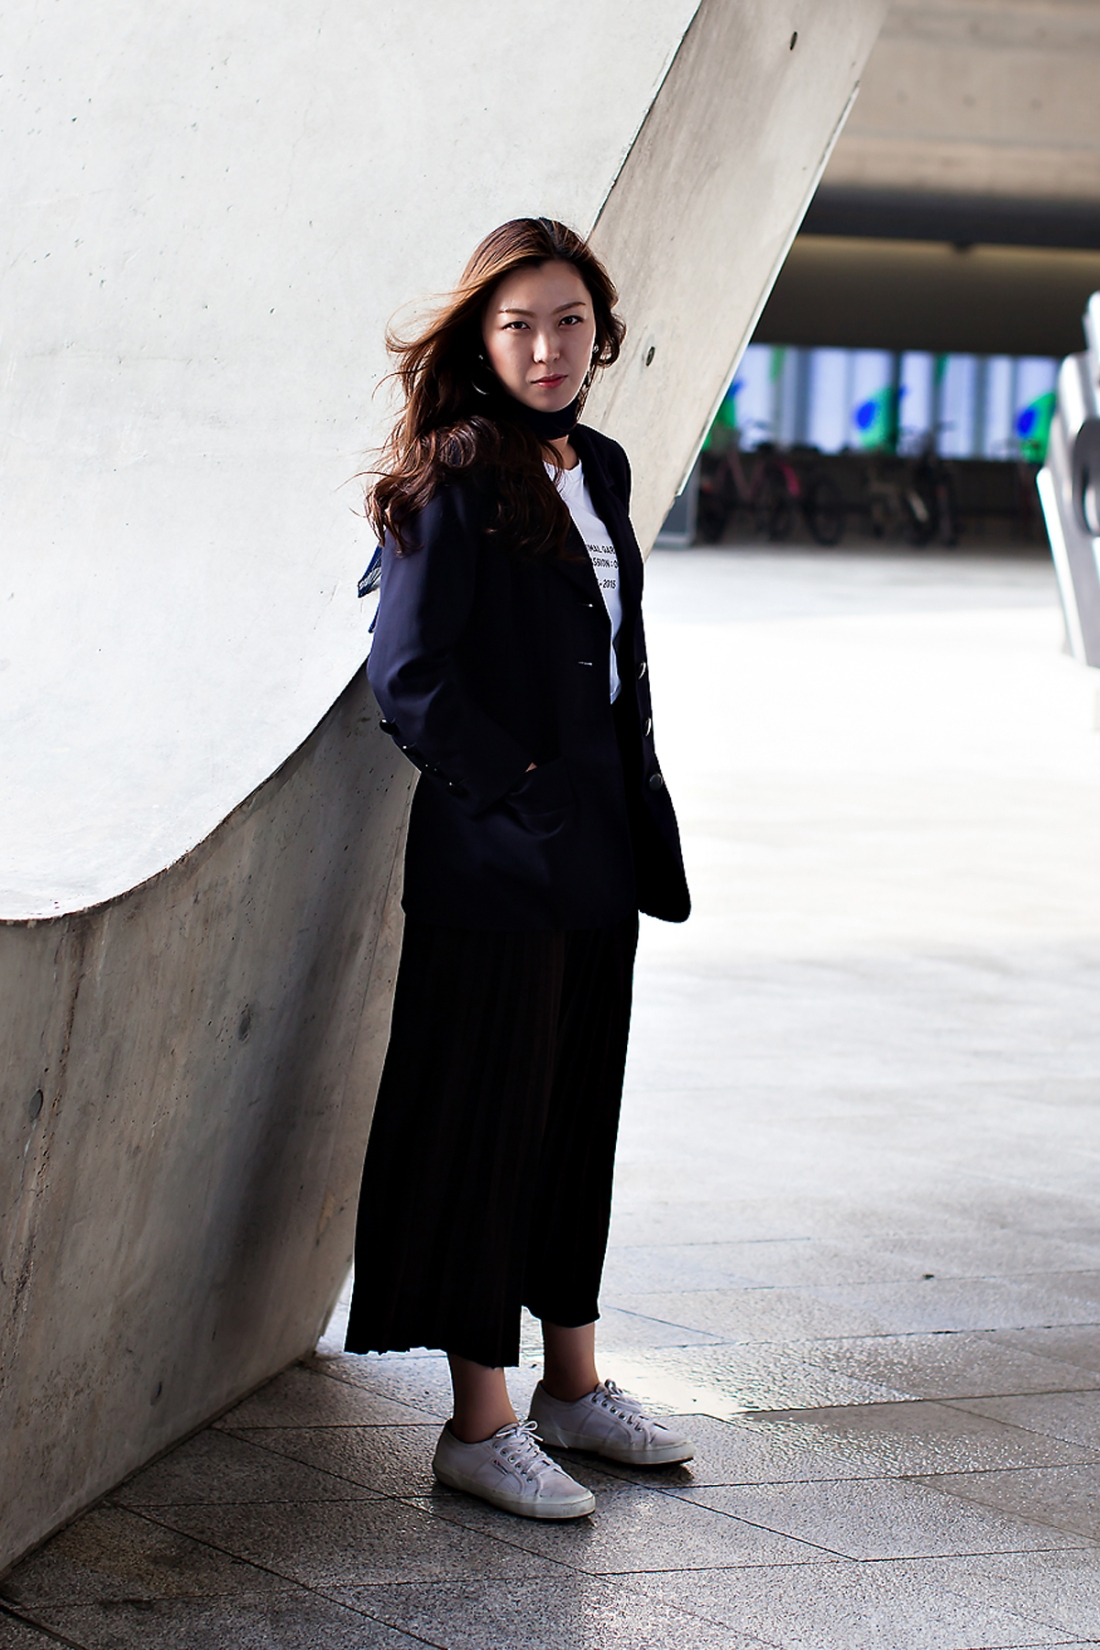 Choi Seolyi, SEOUL FASHION WEEK 2017 S:S.jpg